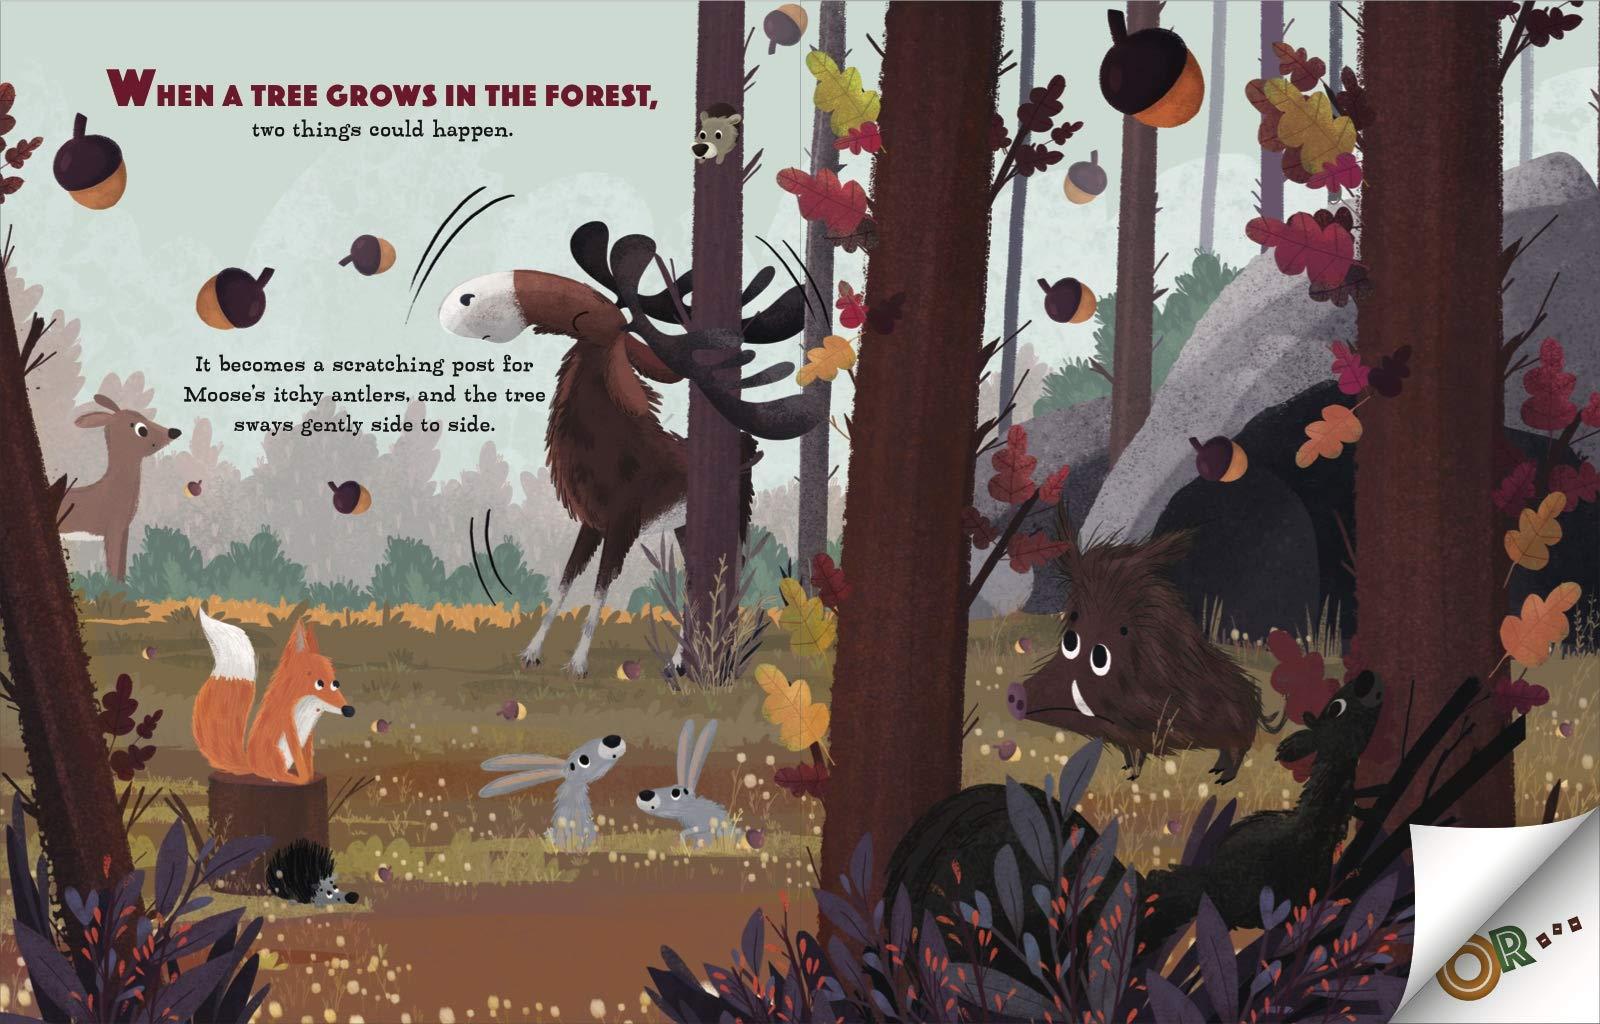 celebrate-picture-books-picture-book-review-when-a-tree-grows-scratchcelebrate-picture-books-picture-book-review-when-a-tree-grows-scratch